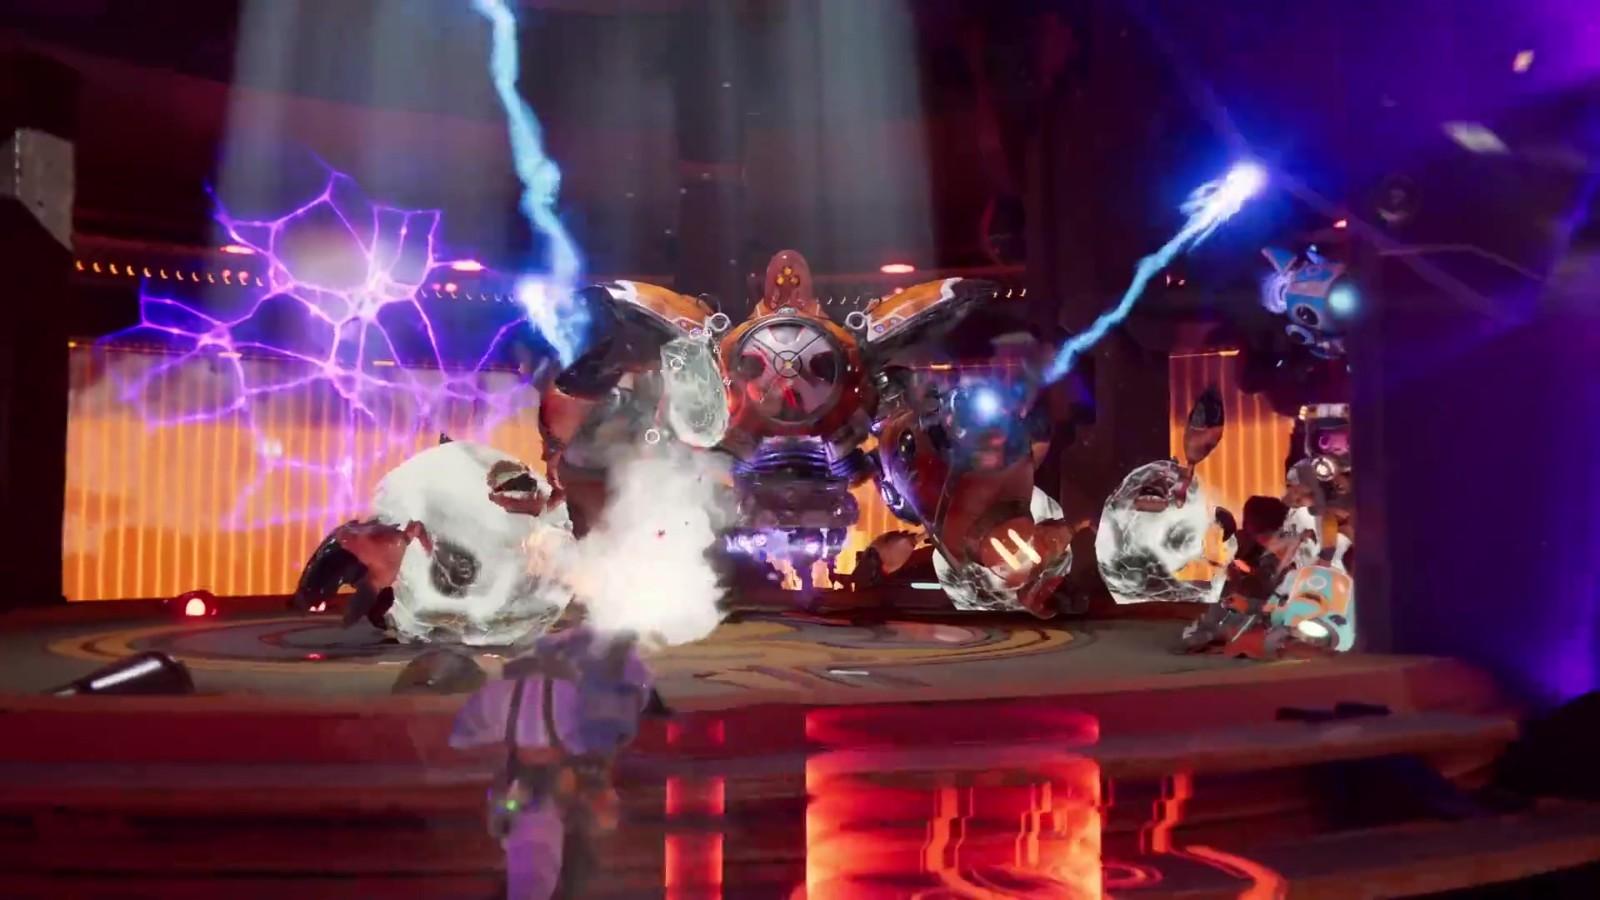 《瑞奇与叮当:分离》上市预告 惊人的视觉特效